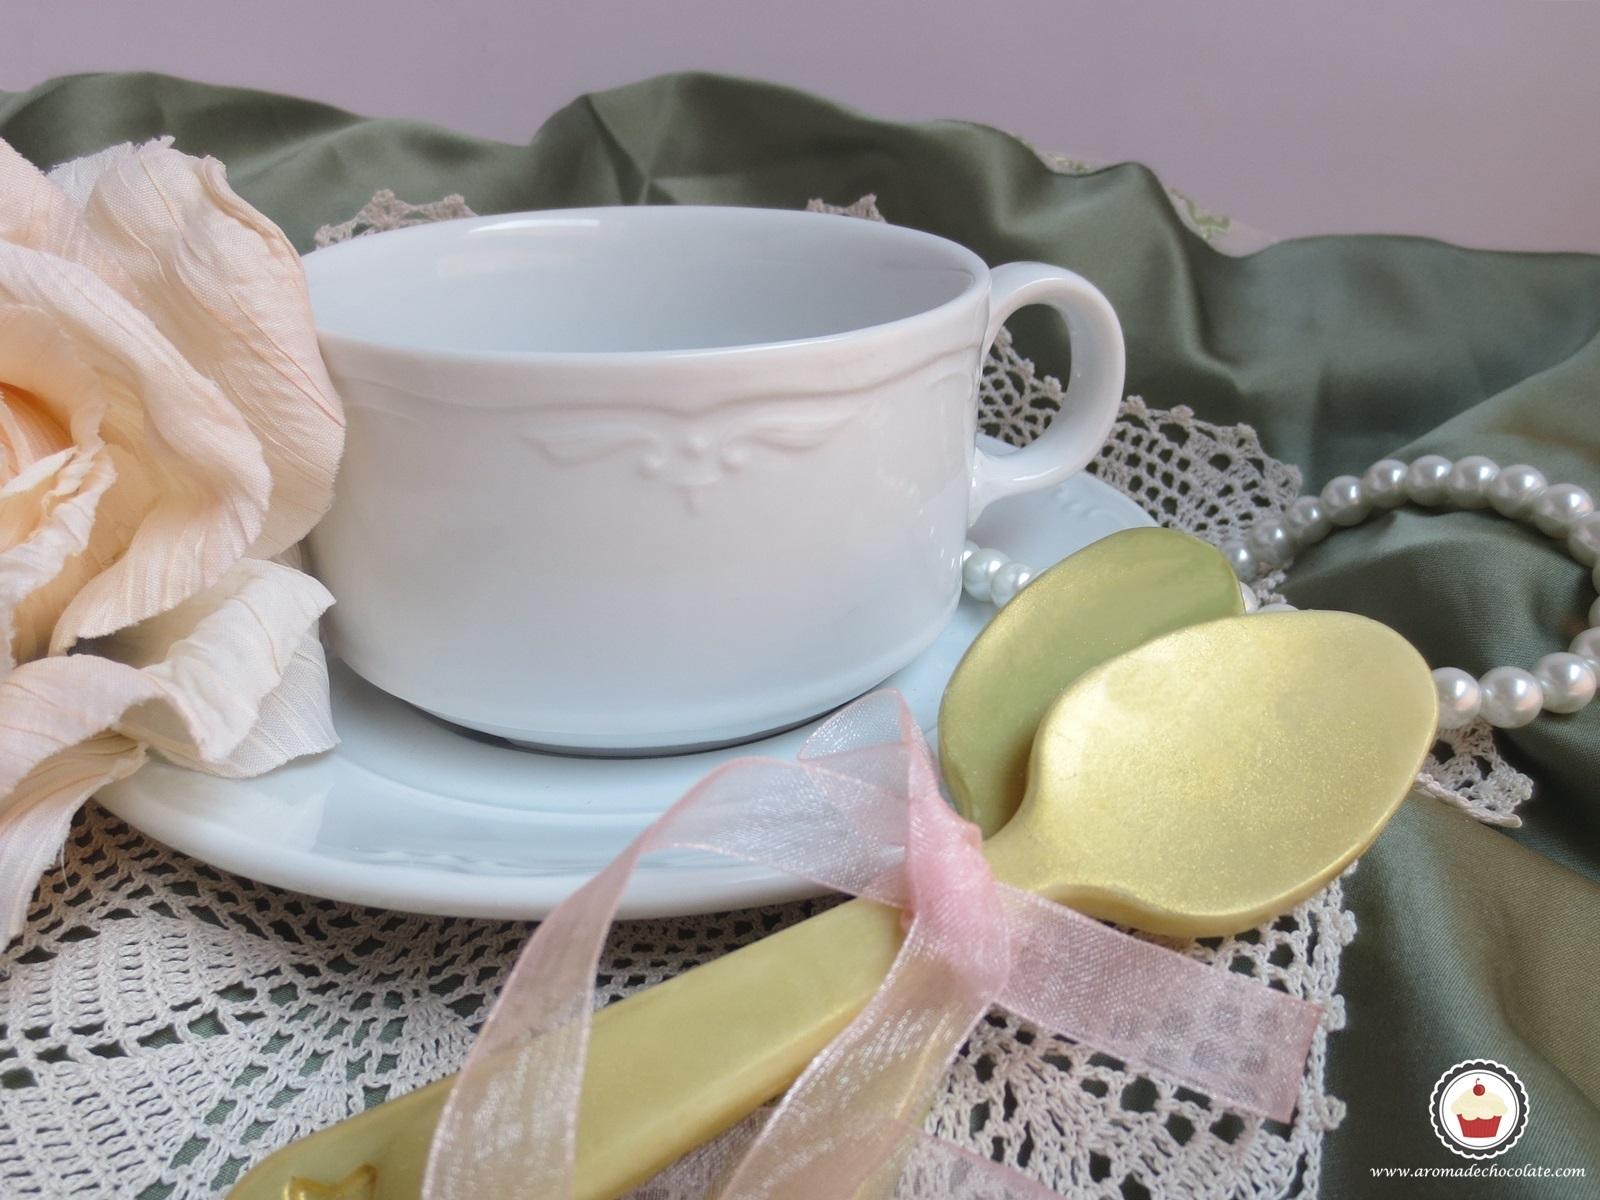 Cucharas de chocolate. Aroma de chocolate